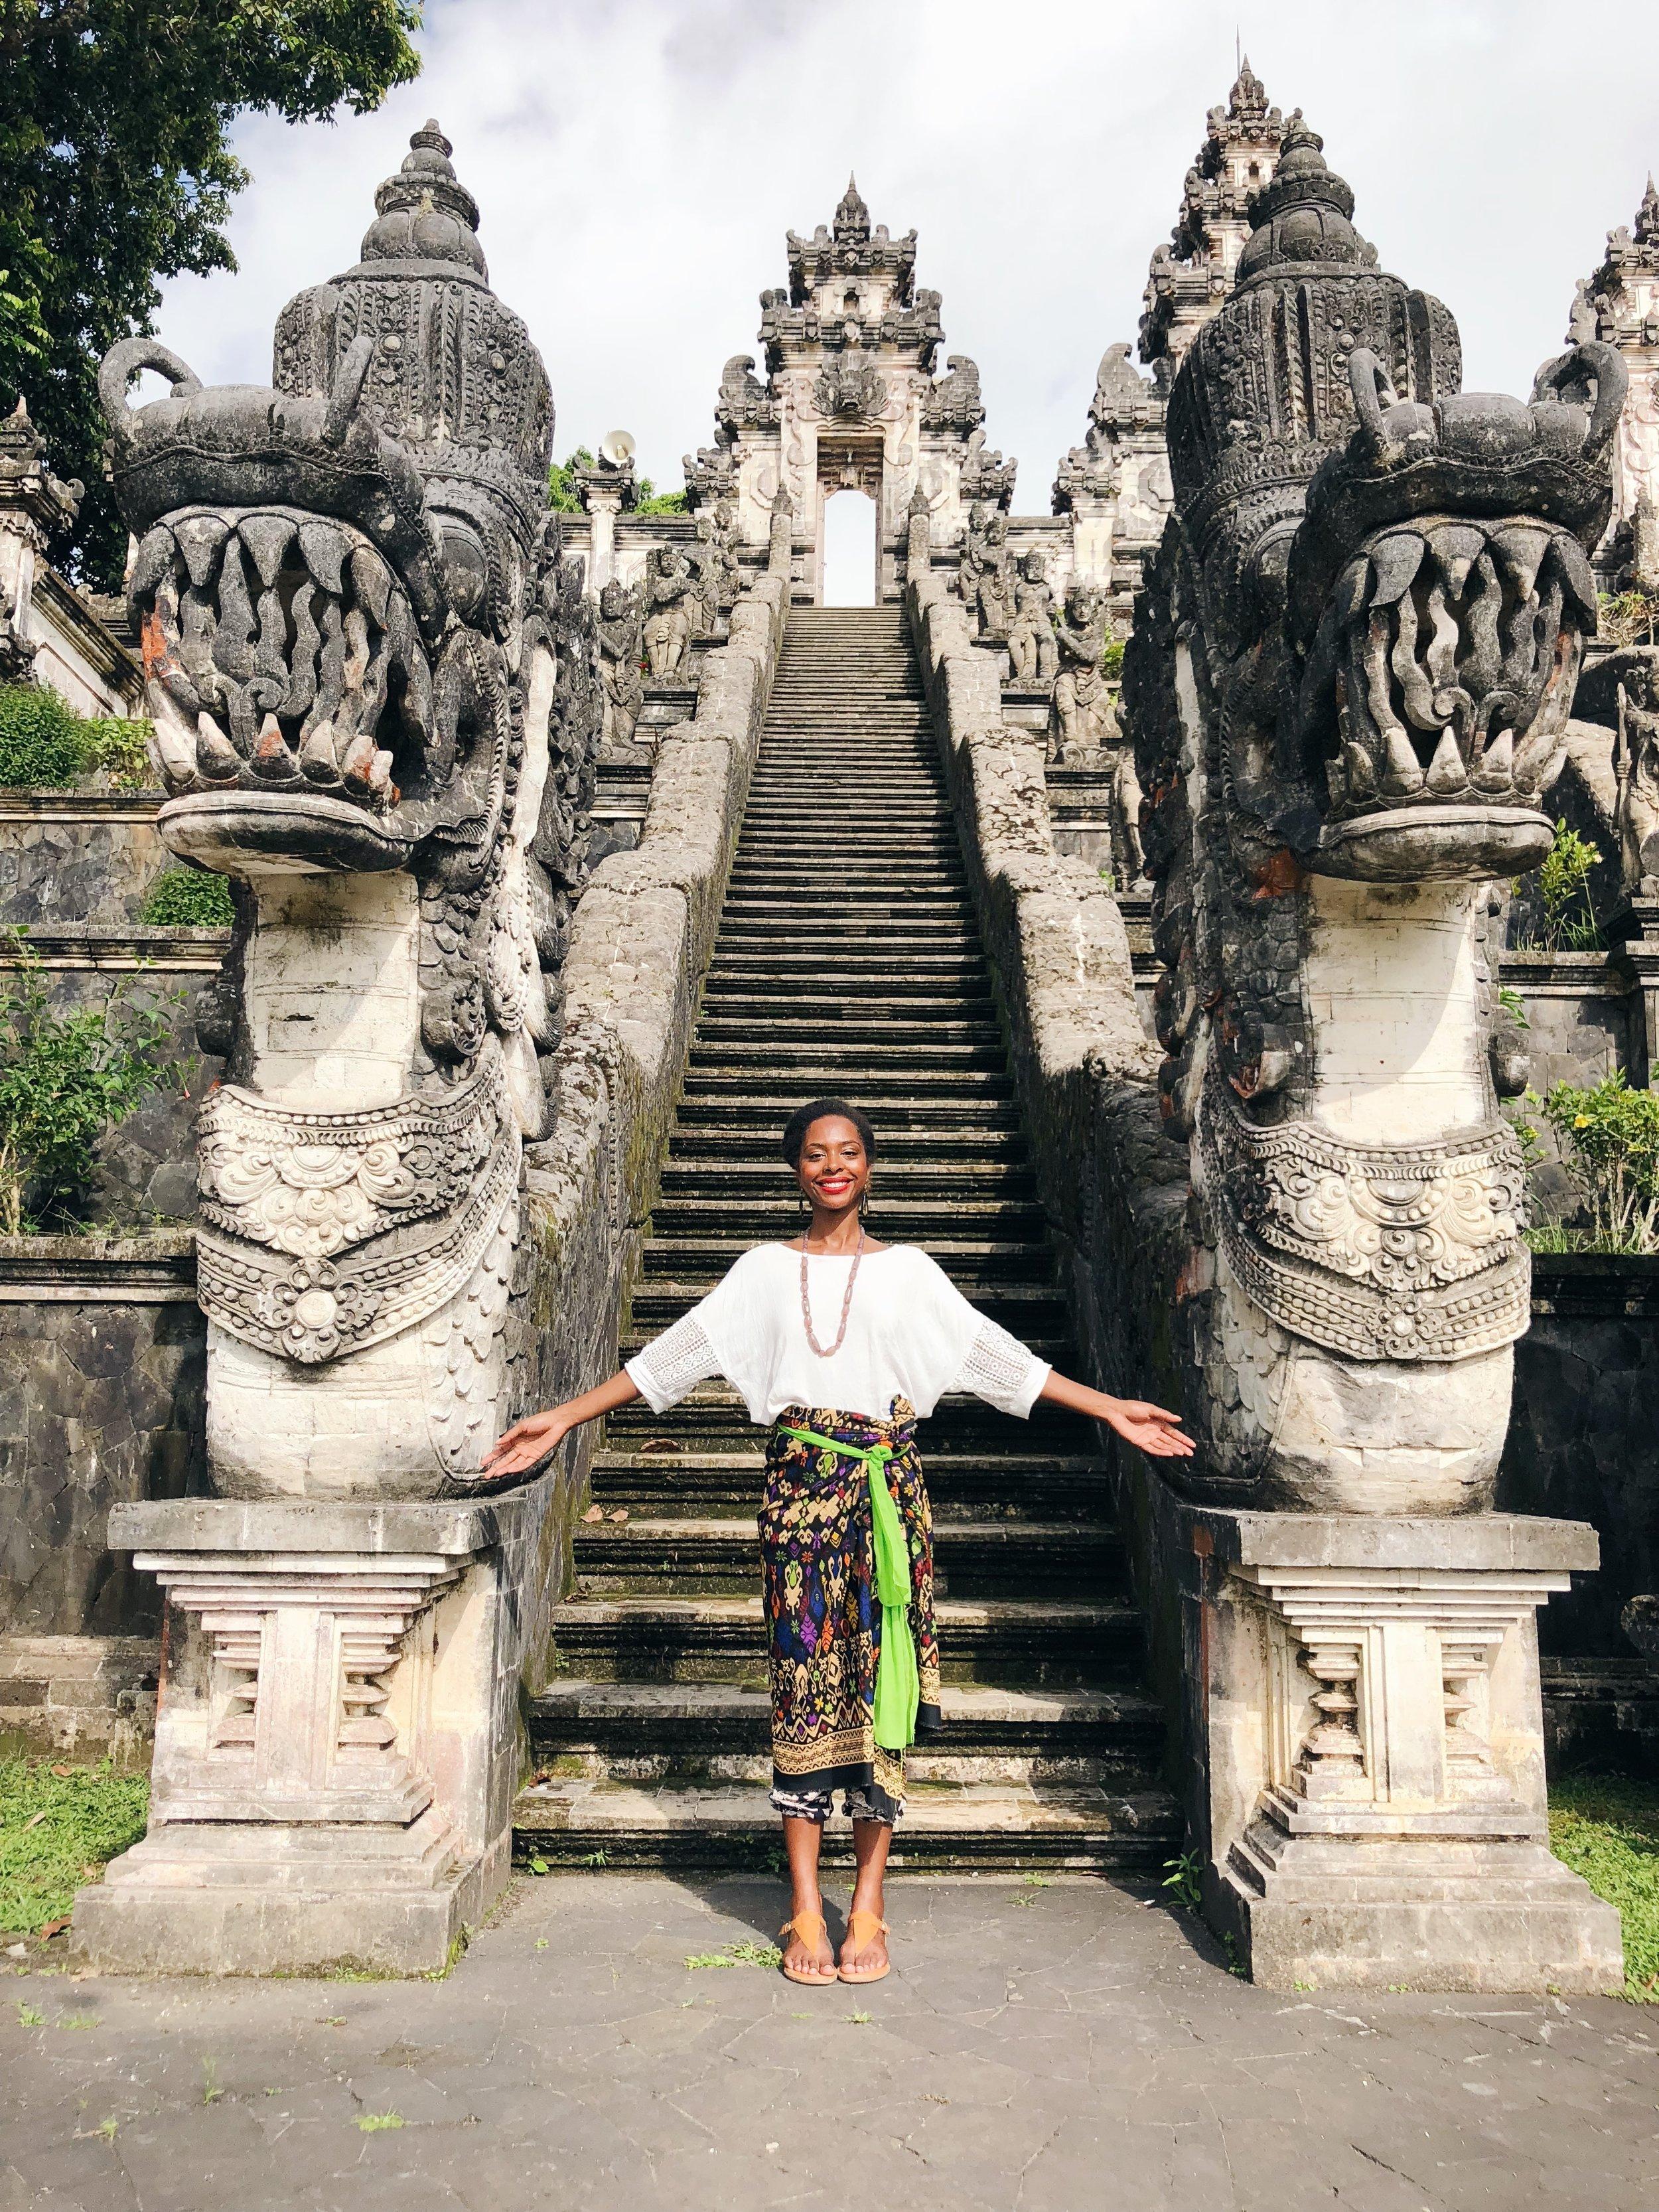 Appropriate Temple Attire